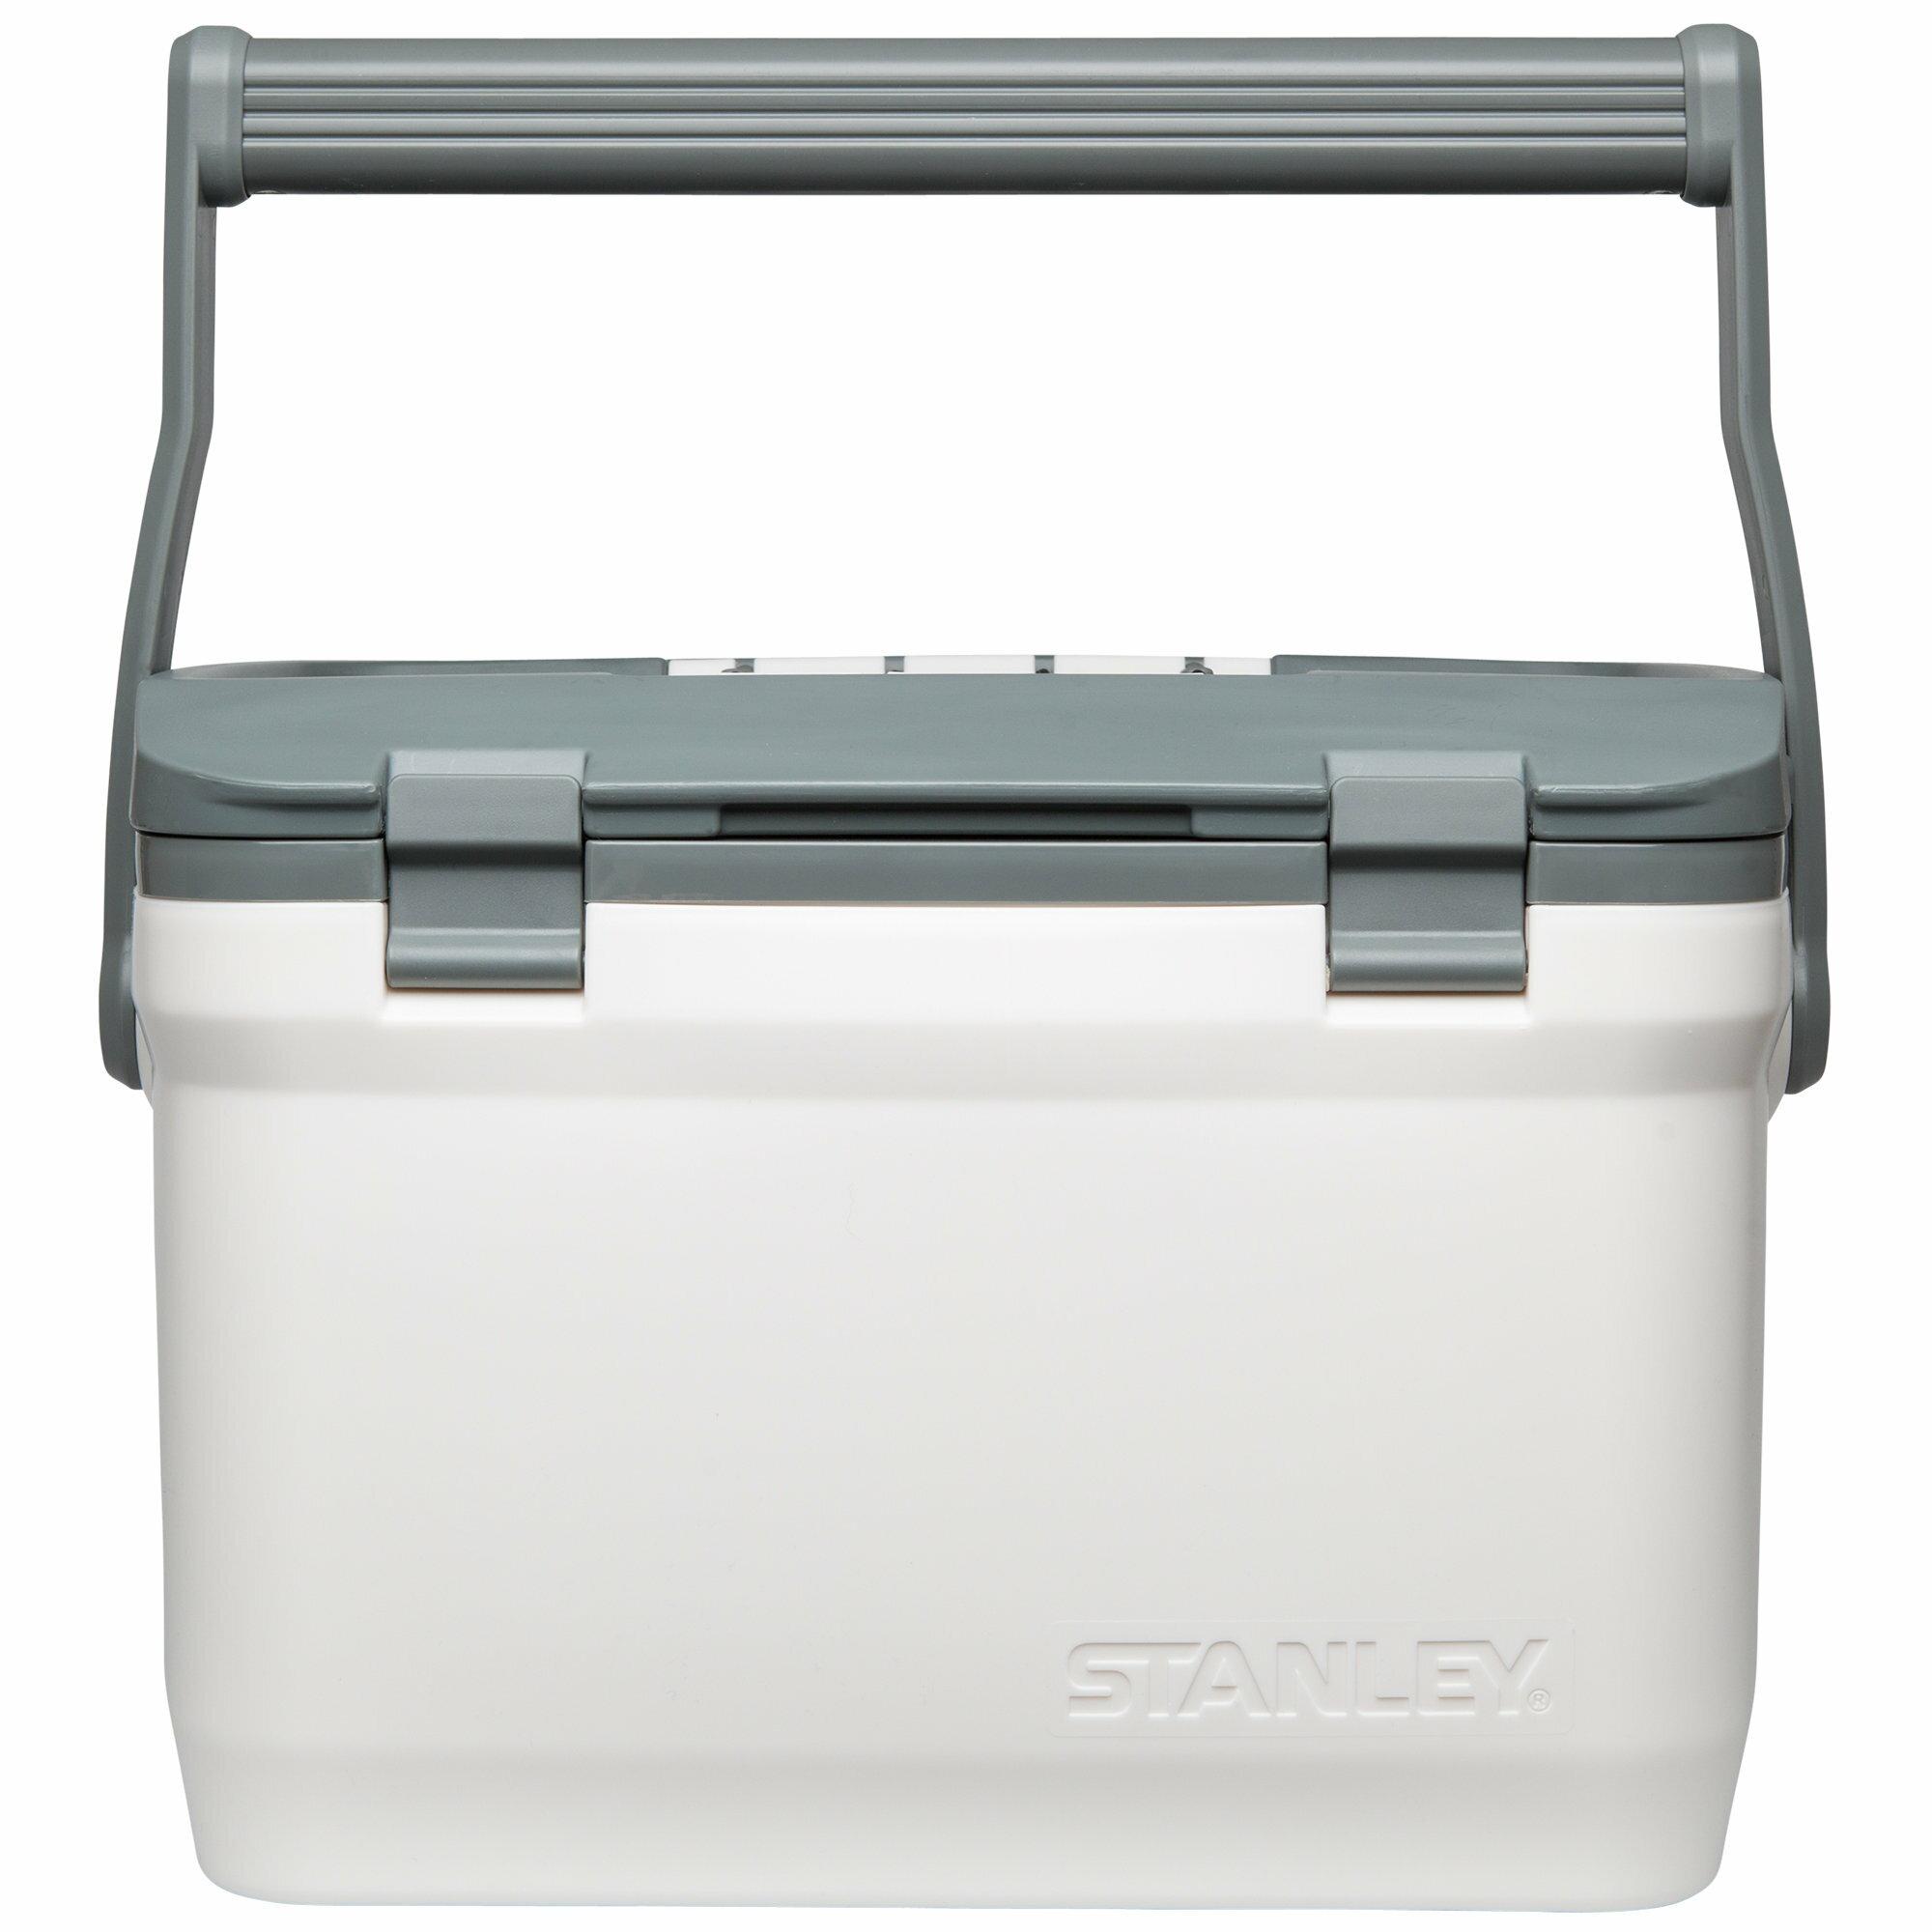 ├登山樂┤ 美國 Stanley 15.1L Cooler 冰桶 雪白 # 10-01623-WH